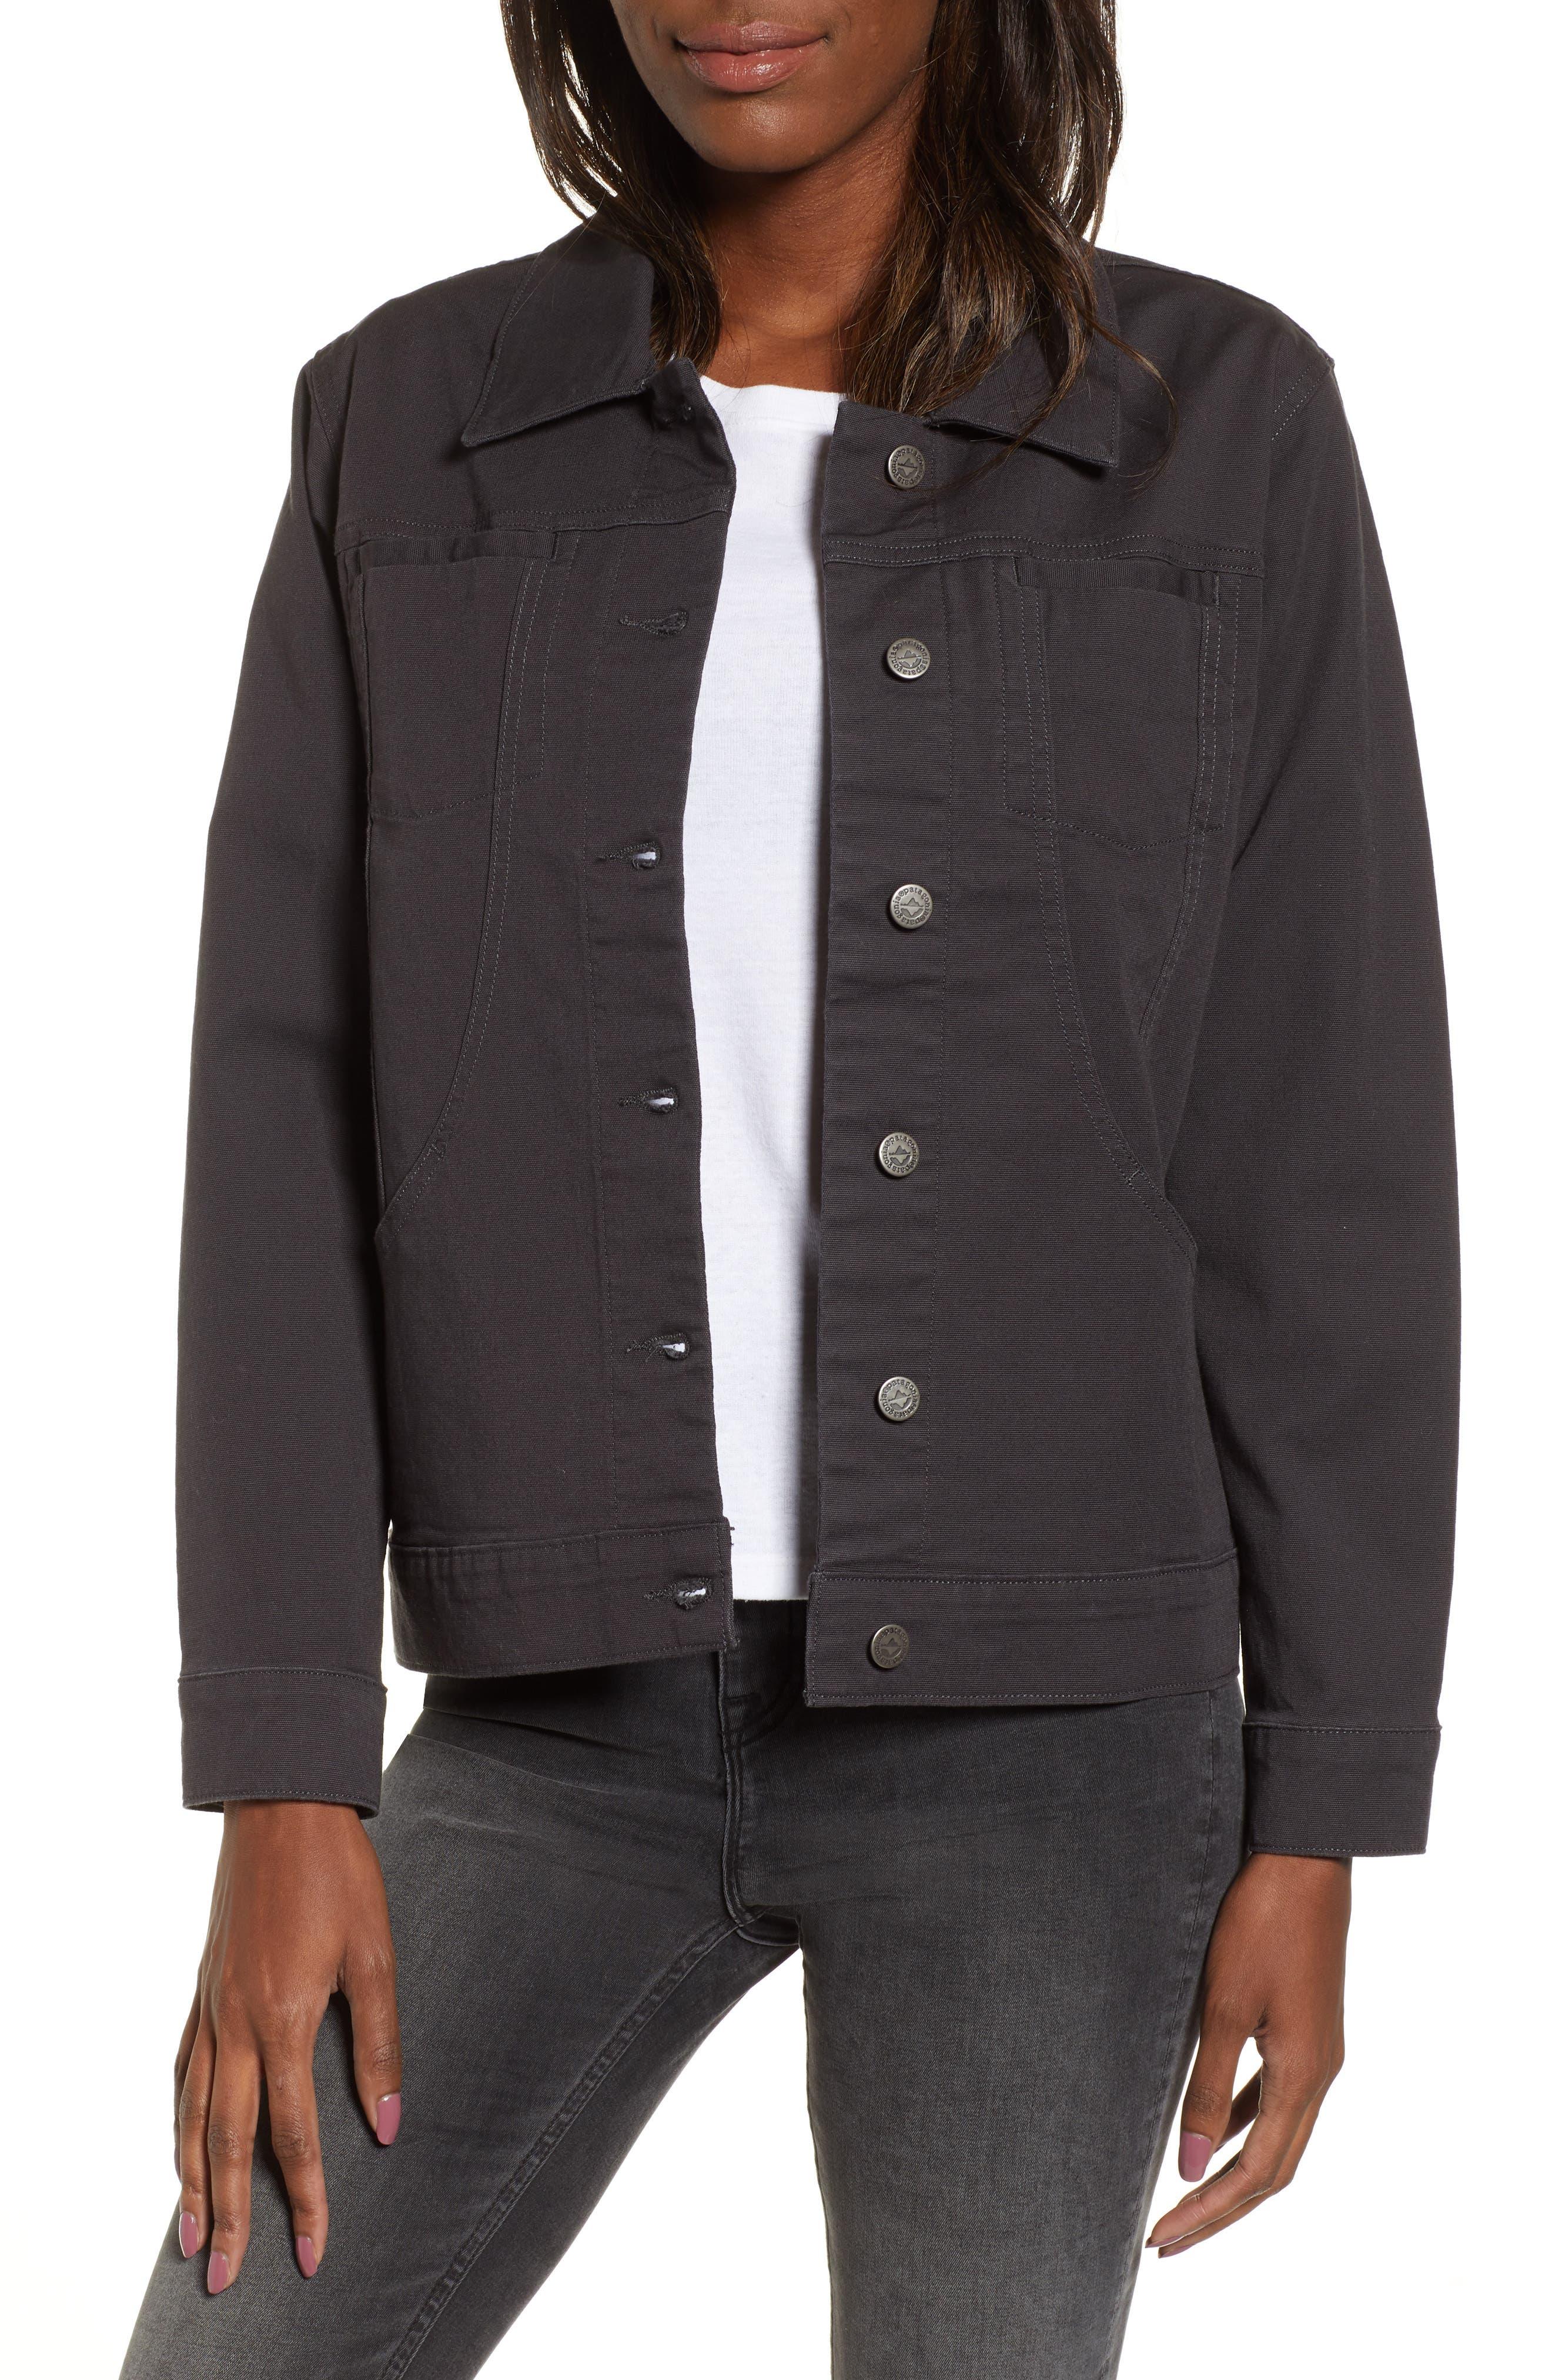 Patagonia Stand Up Shirt Jacket, Black